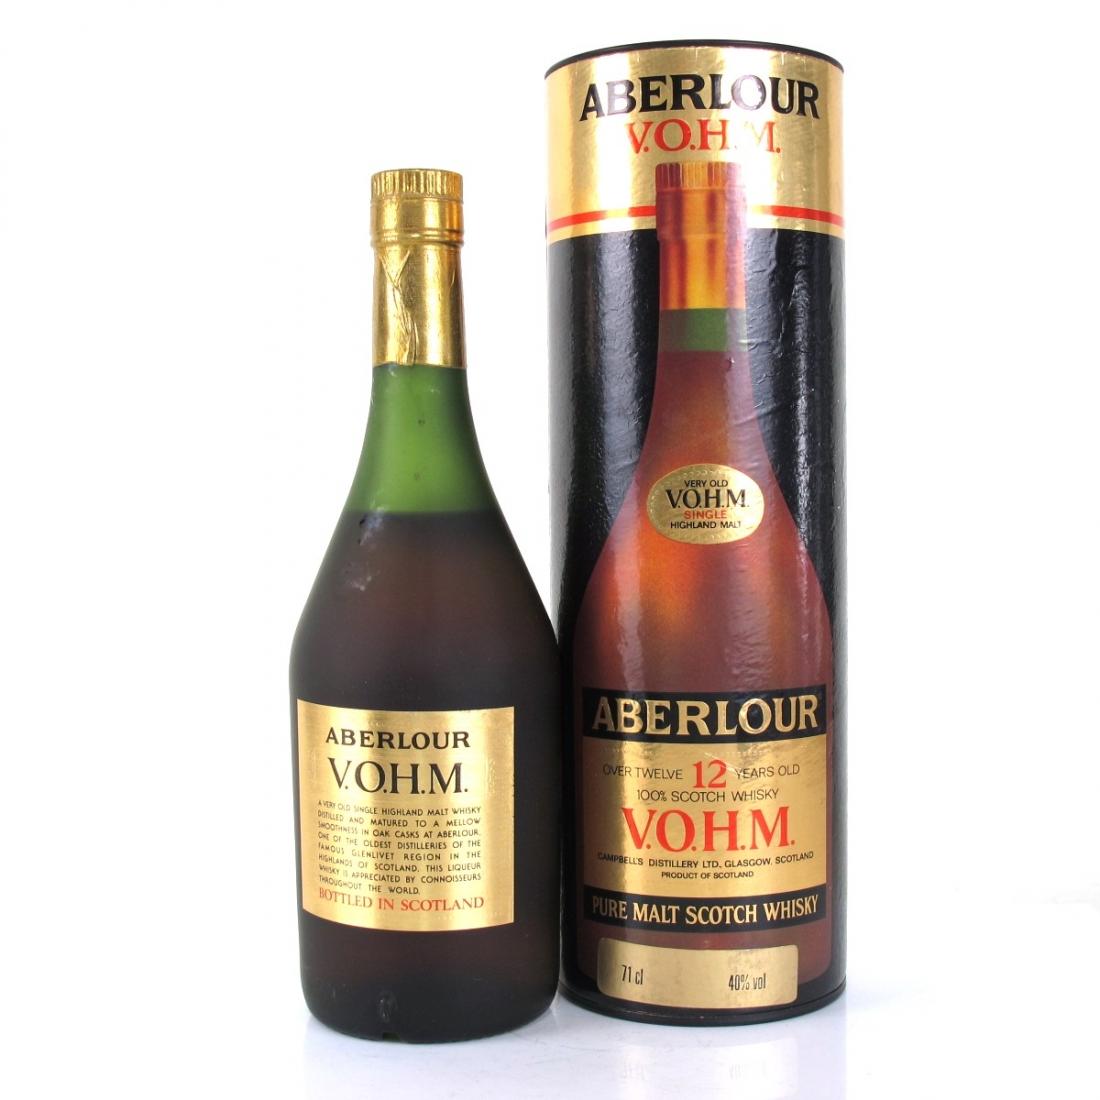 Aberlour 12 Year Old VOHM 71cl